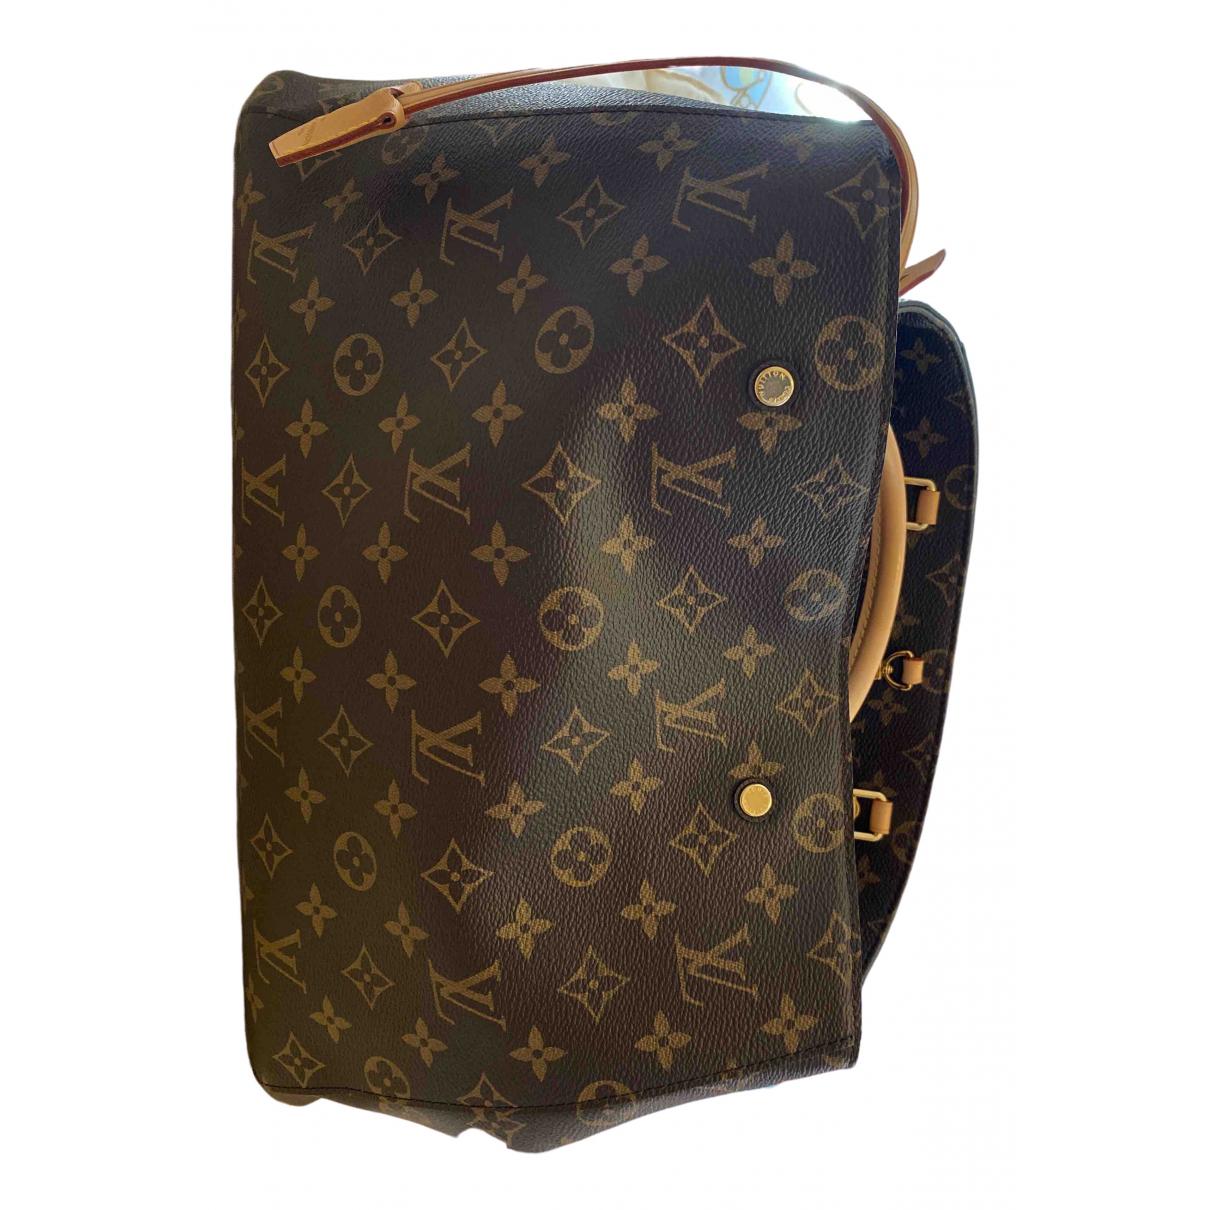 Louis Vuitton - Sac a main Montaigne pour femme en toile - marron